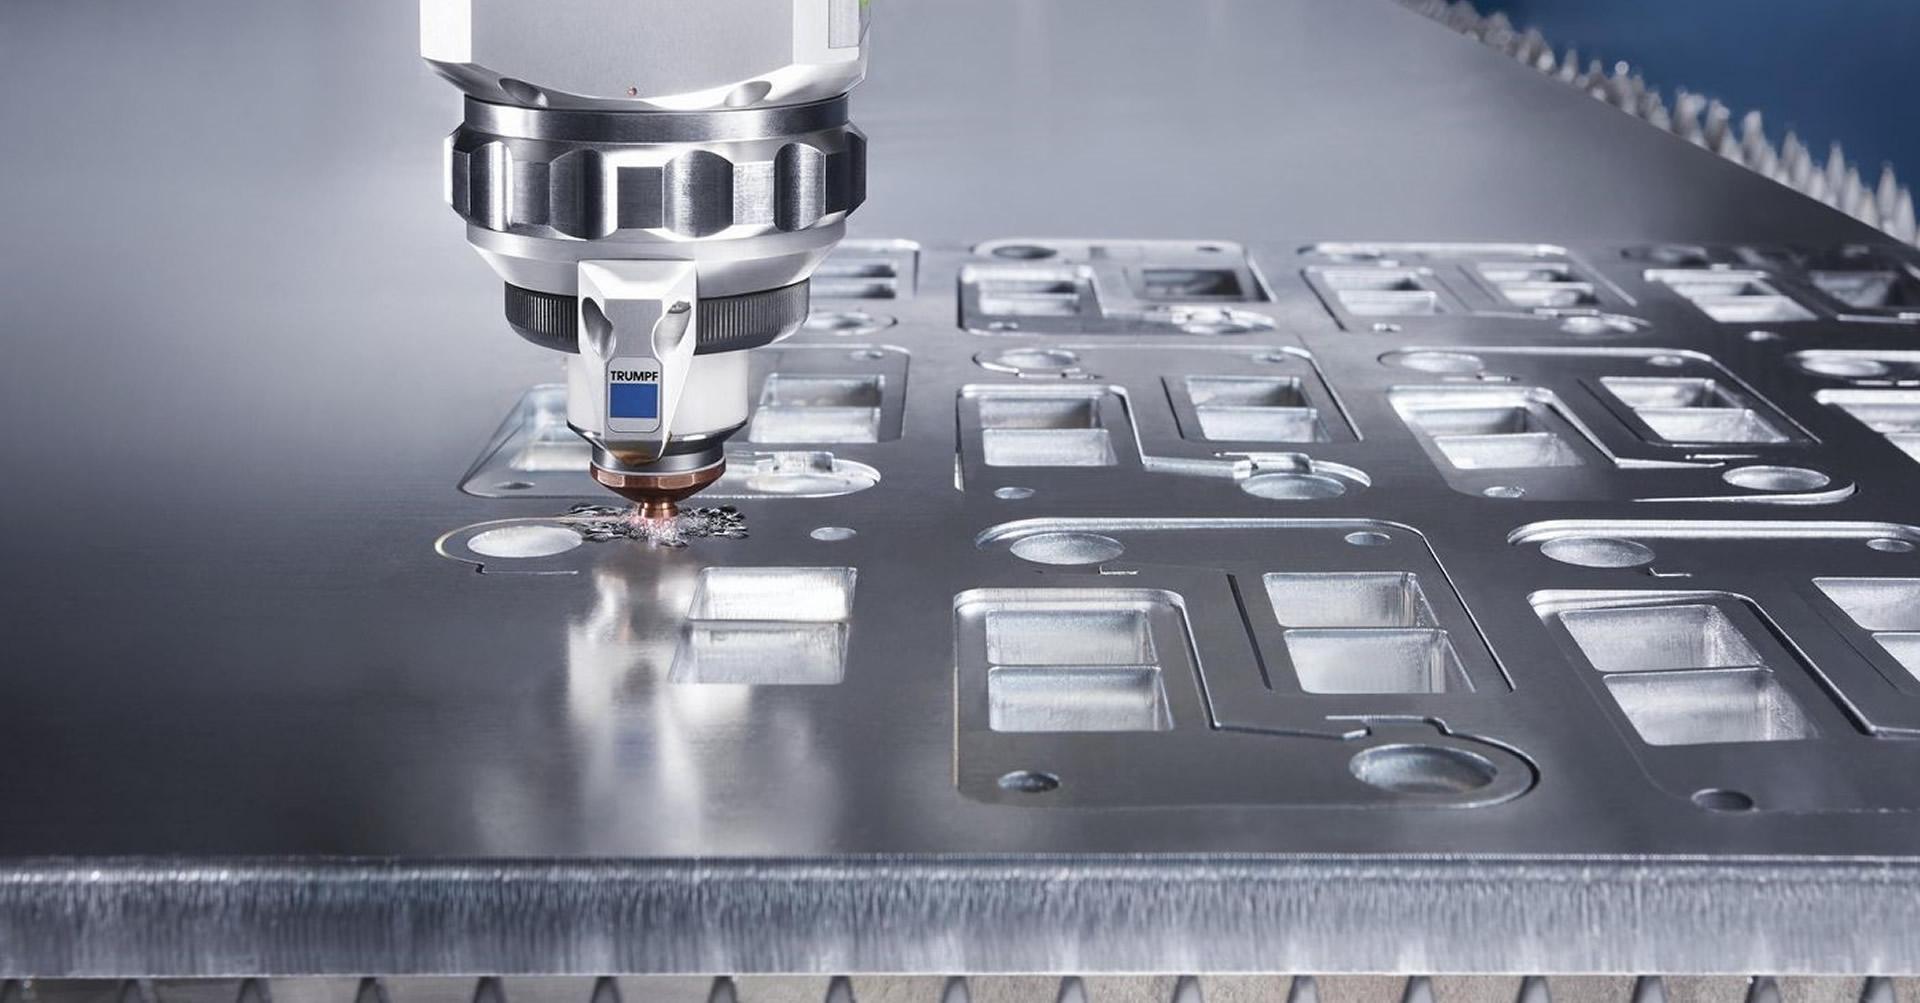 Vật liệu cắt gọt và mài kim loại phần 1 - Hợp kim cứng - 3